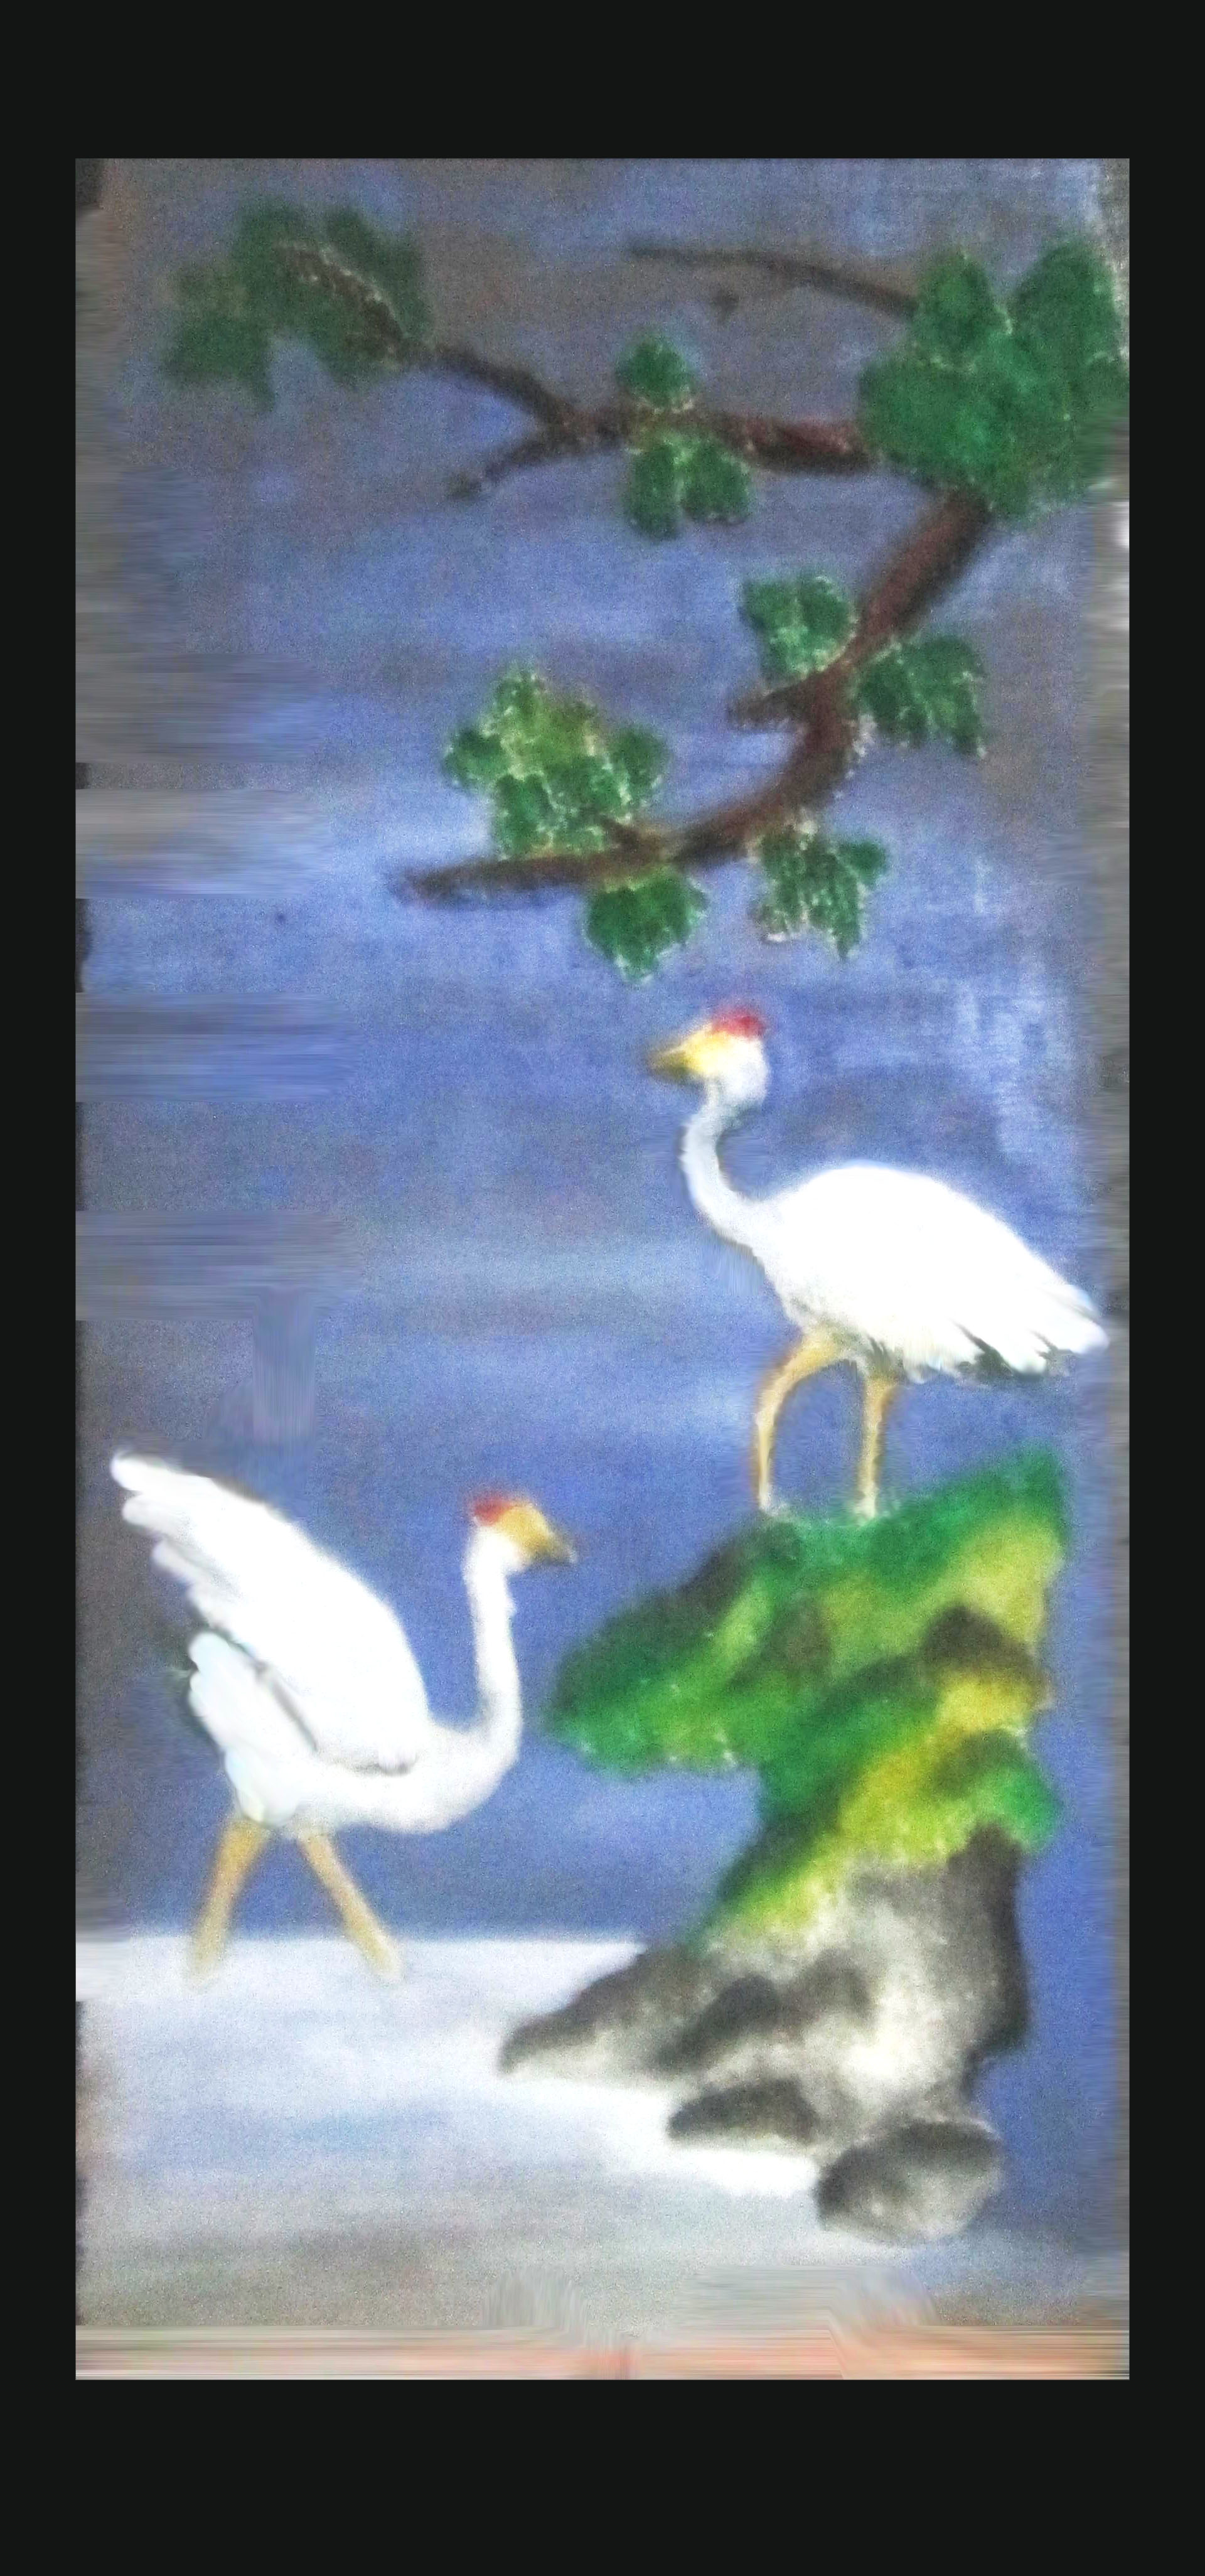 Lukisan Dari Bubur Kertas : lukisan, bubur, kertas, Lukisan, Bubur, Kertas, Herycraft